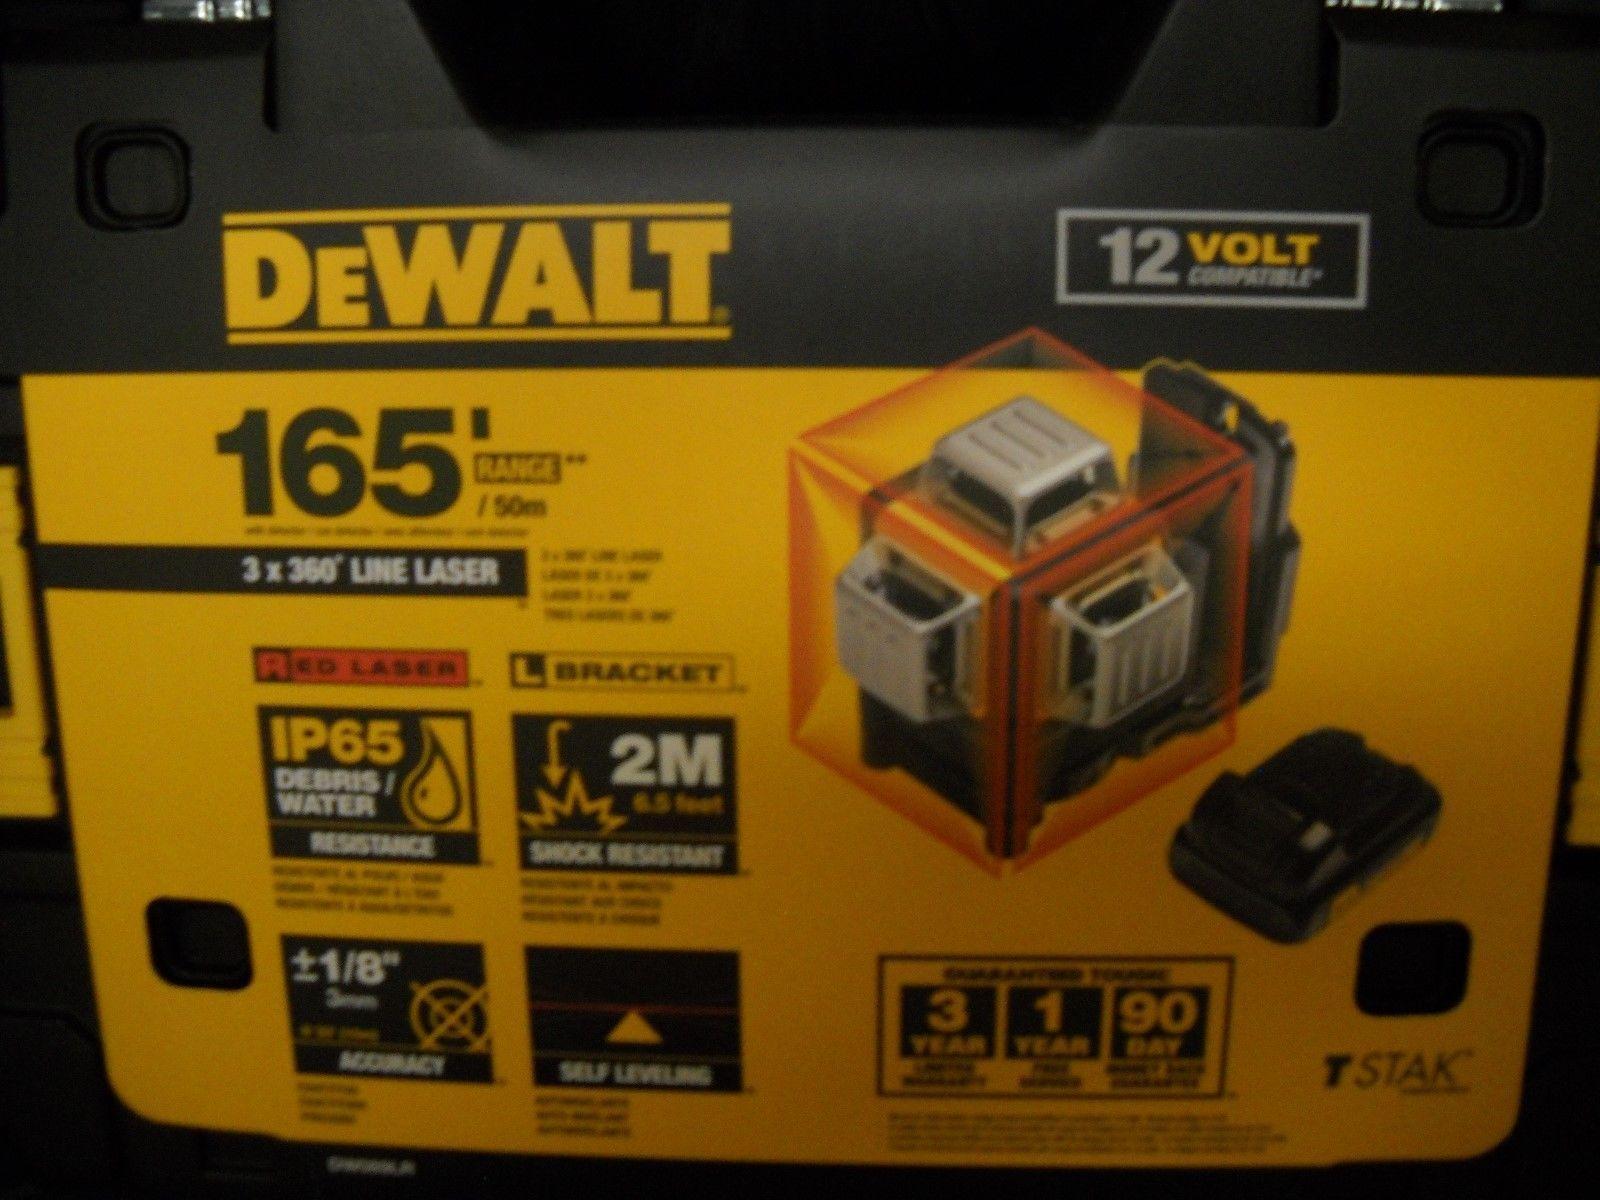 Laser Measuring Tools 126396 Dewalt Dw089lr 12v 3 X 360 Degree Red Line Laser New Buy It Now Only 339 On Ebay Laser Measu Dewalt Measuring Tools Laser